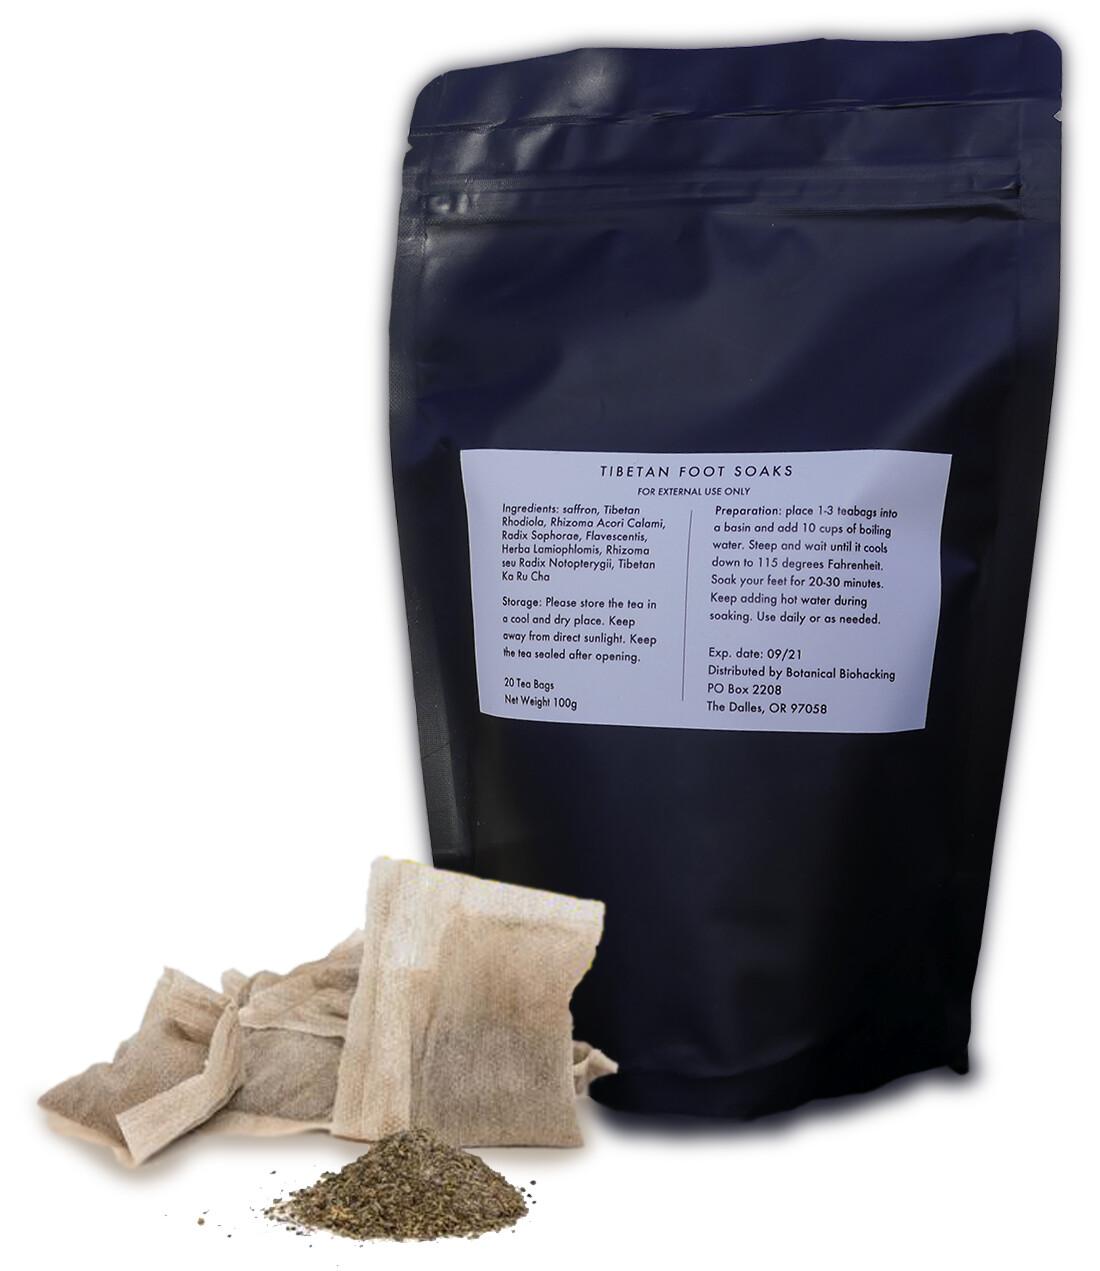 Tibetan Herbal Foot Soak - 20 Tea Bags